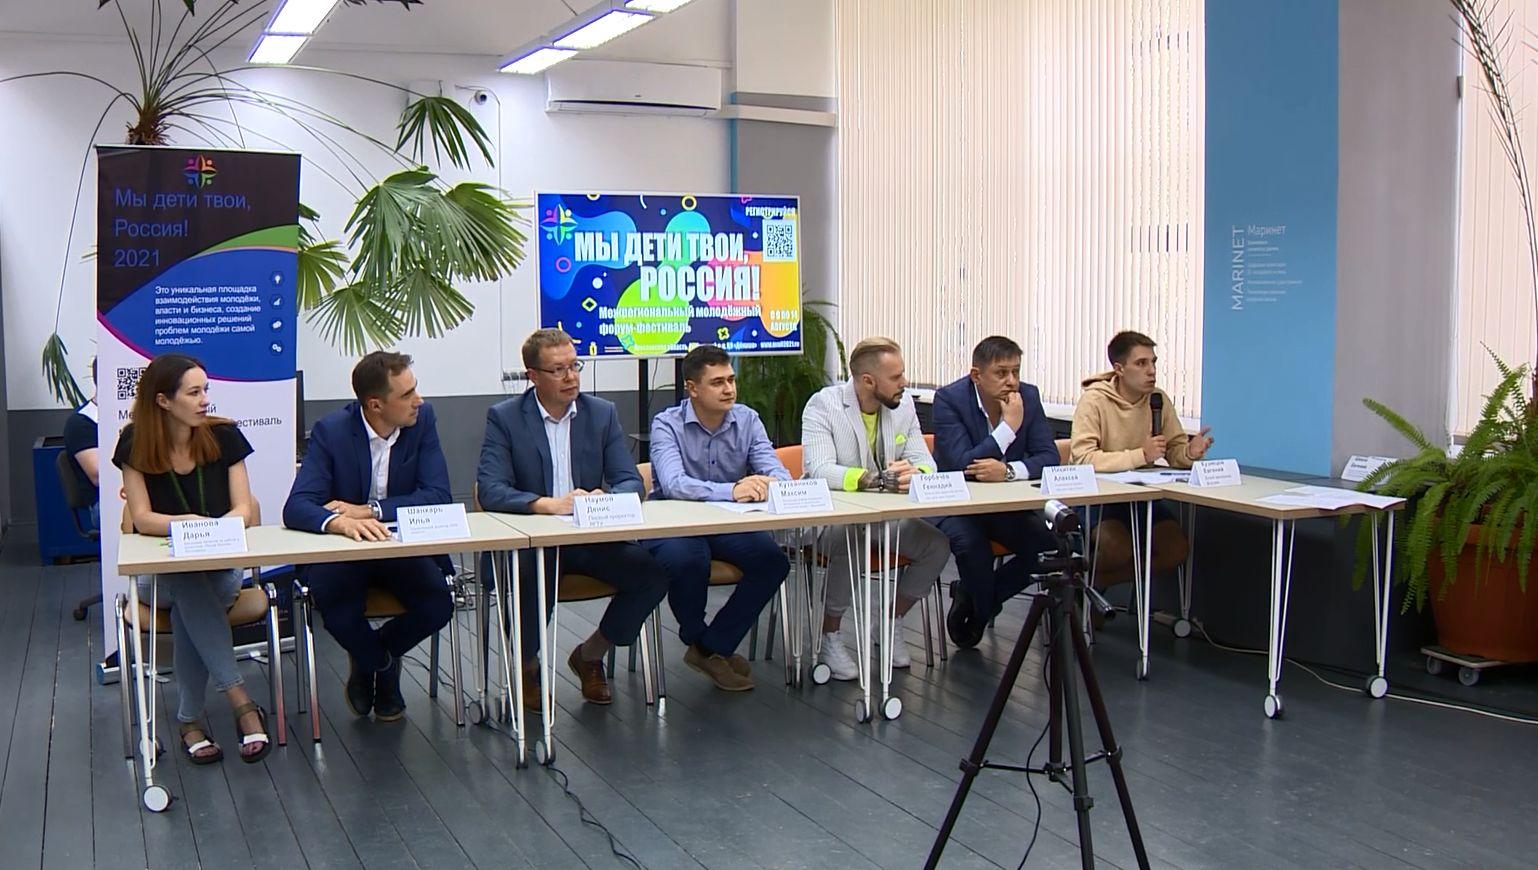 Впервые на Ярославской земле: в Демино стартует межрегиональный форум «Мы дети твои, Россия»